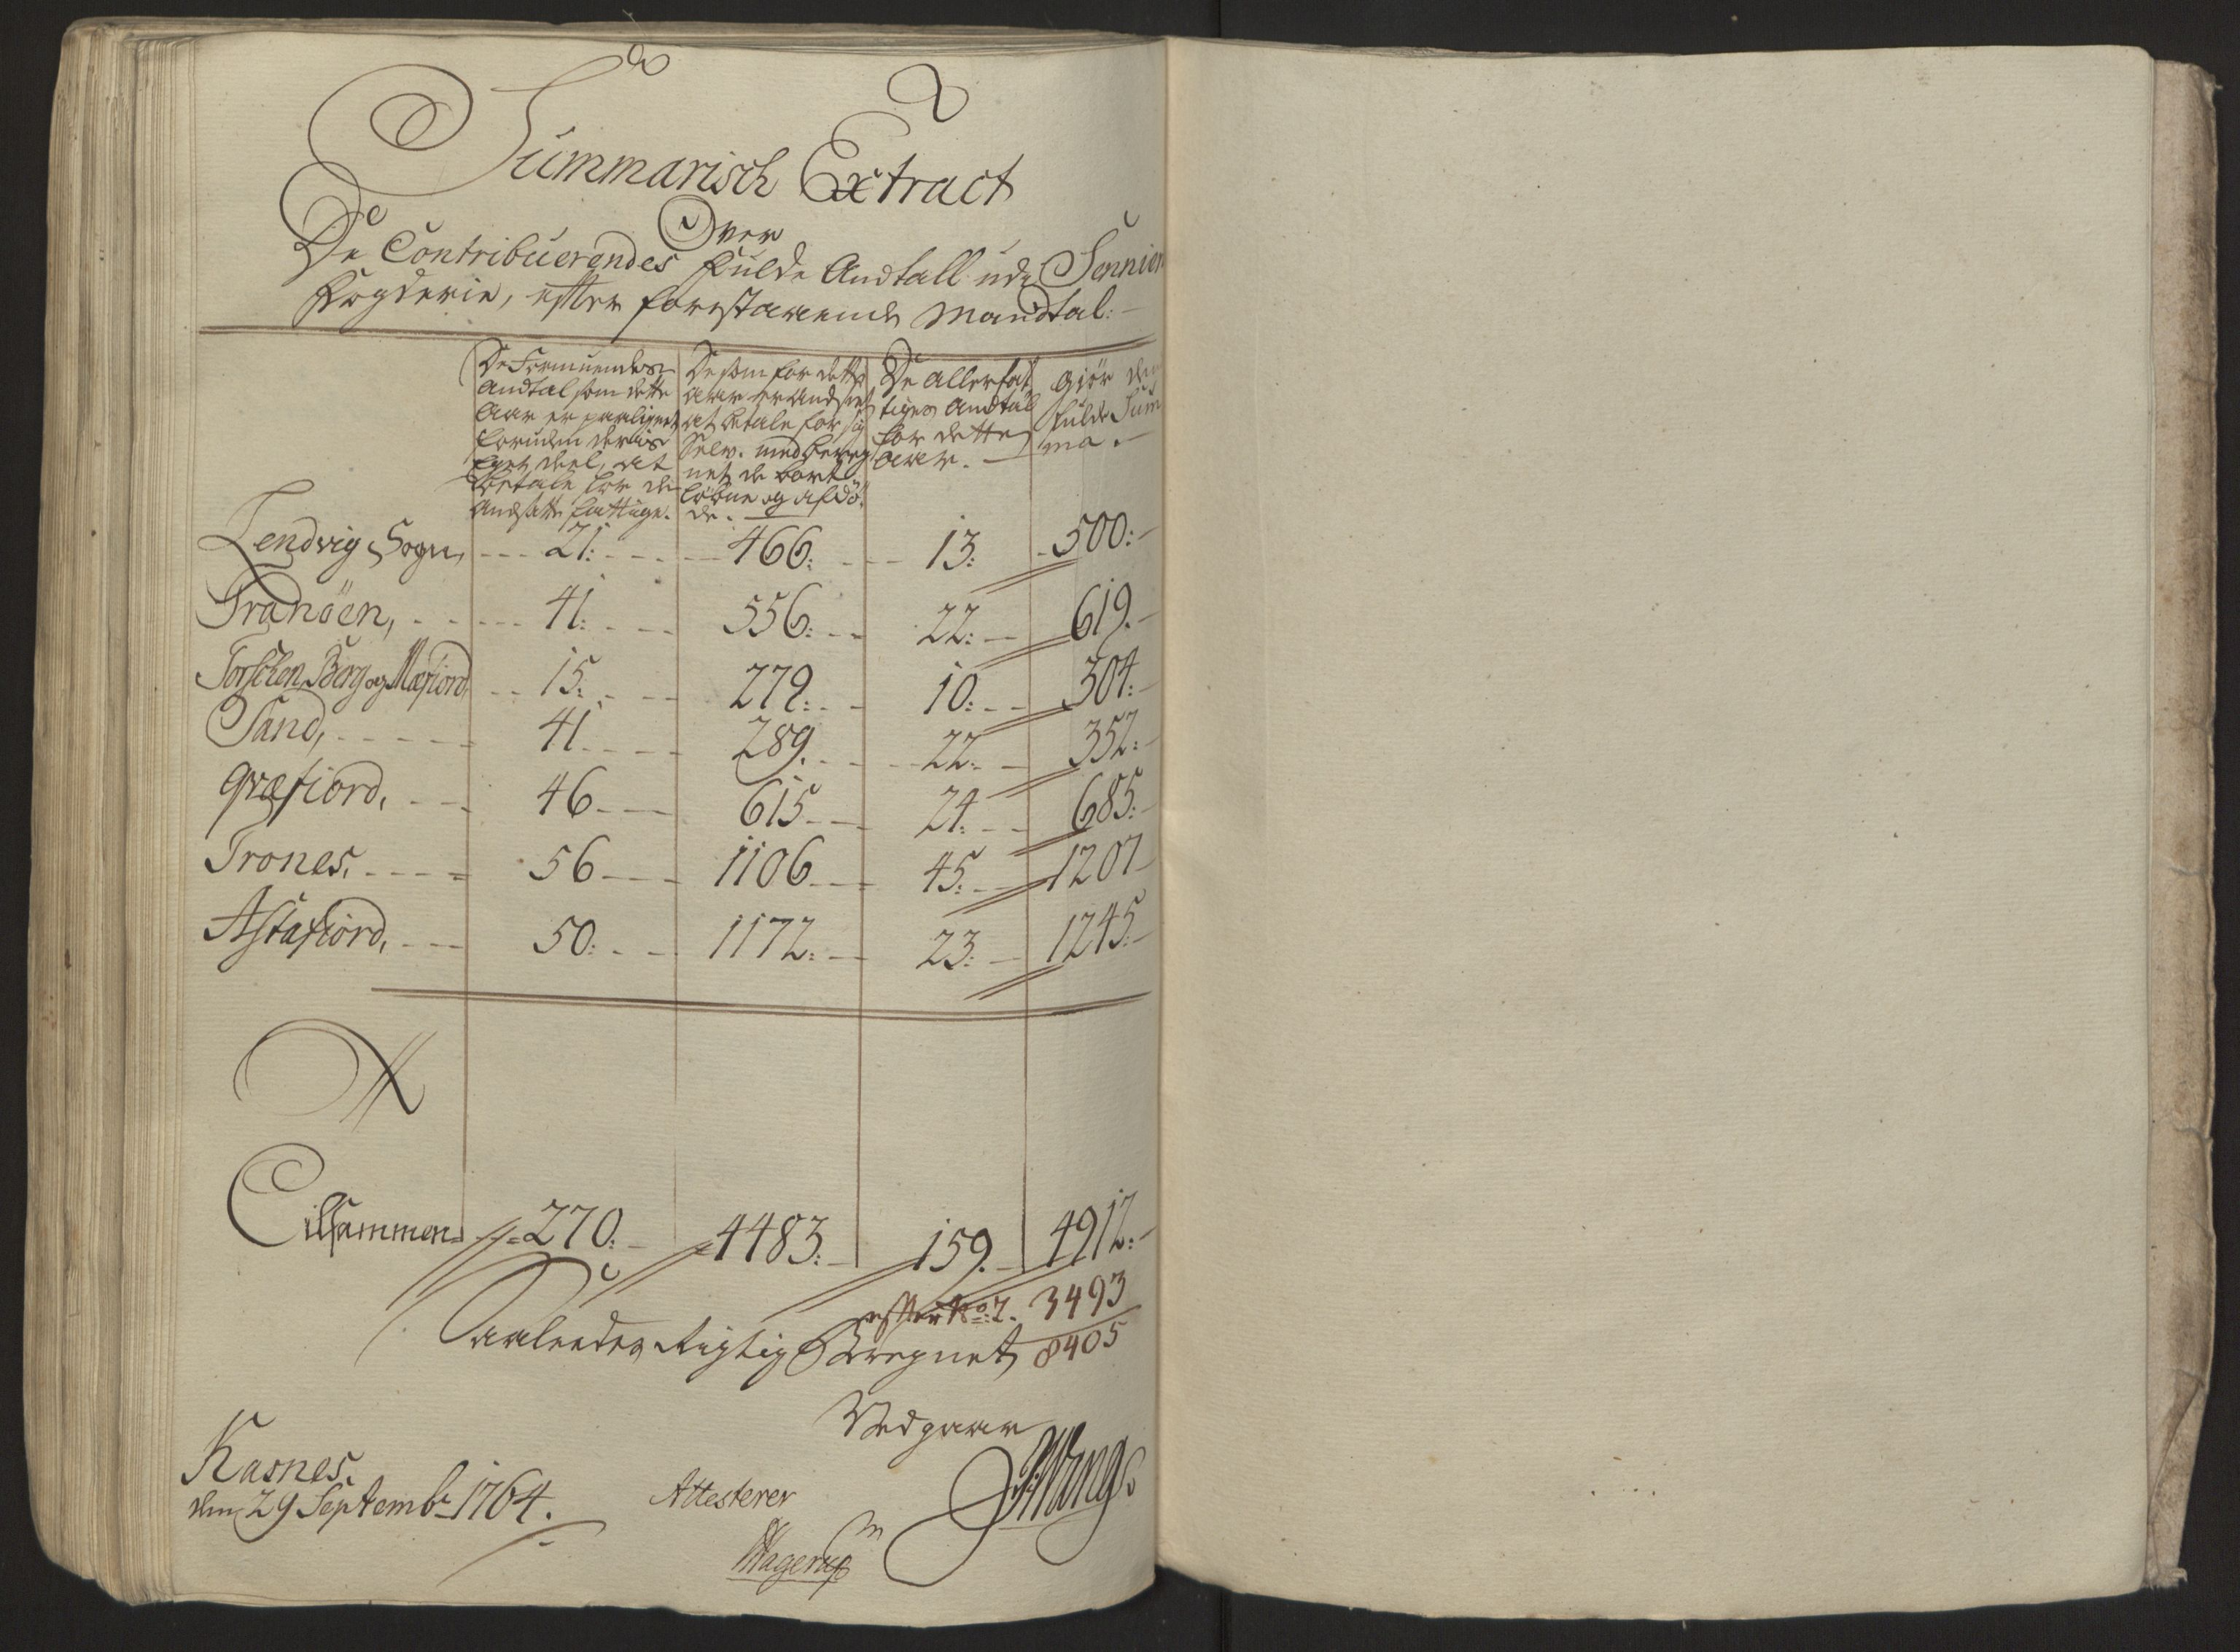 RA, Rentekammeret inntil 1814, Reviderte regnskaper, Fogderegnskap, R68/L4845: Ekstraskatten Senja og Troms, 1762-1765, s. 347